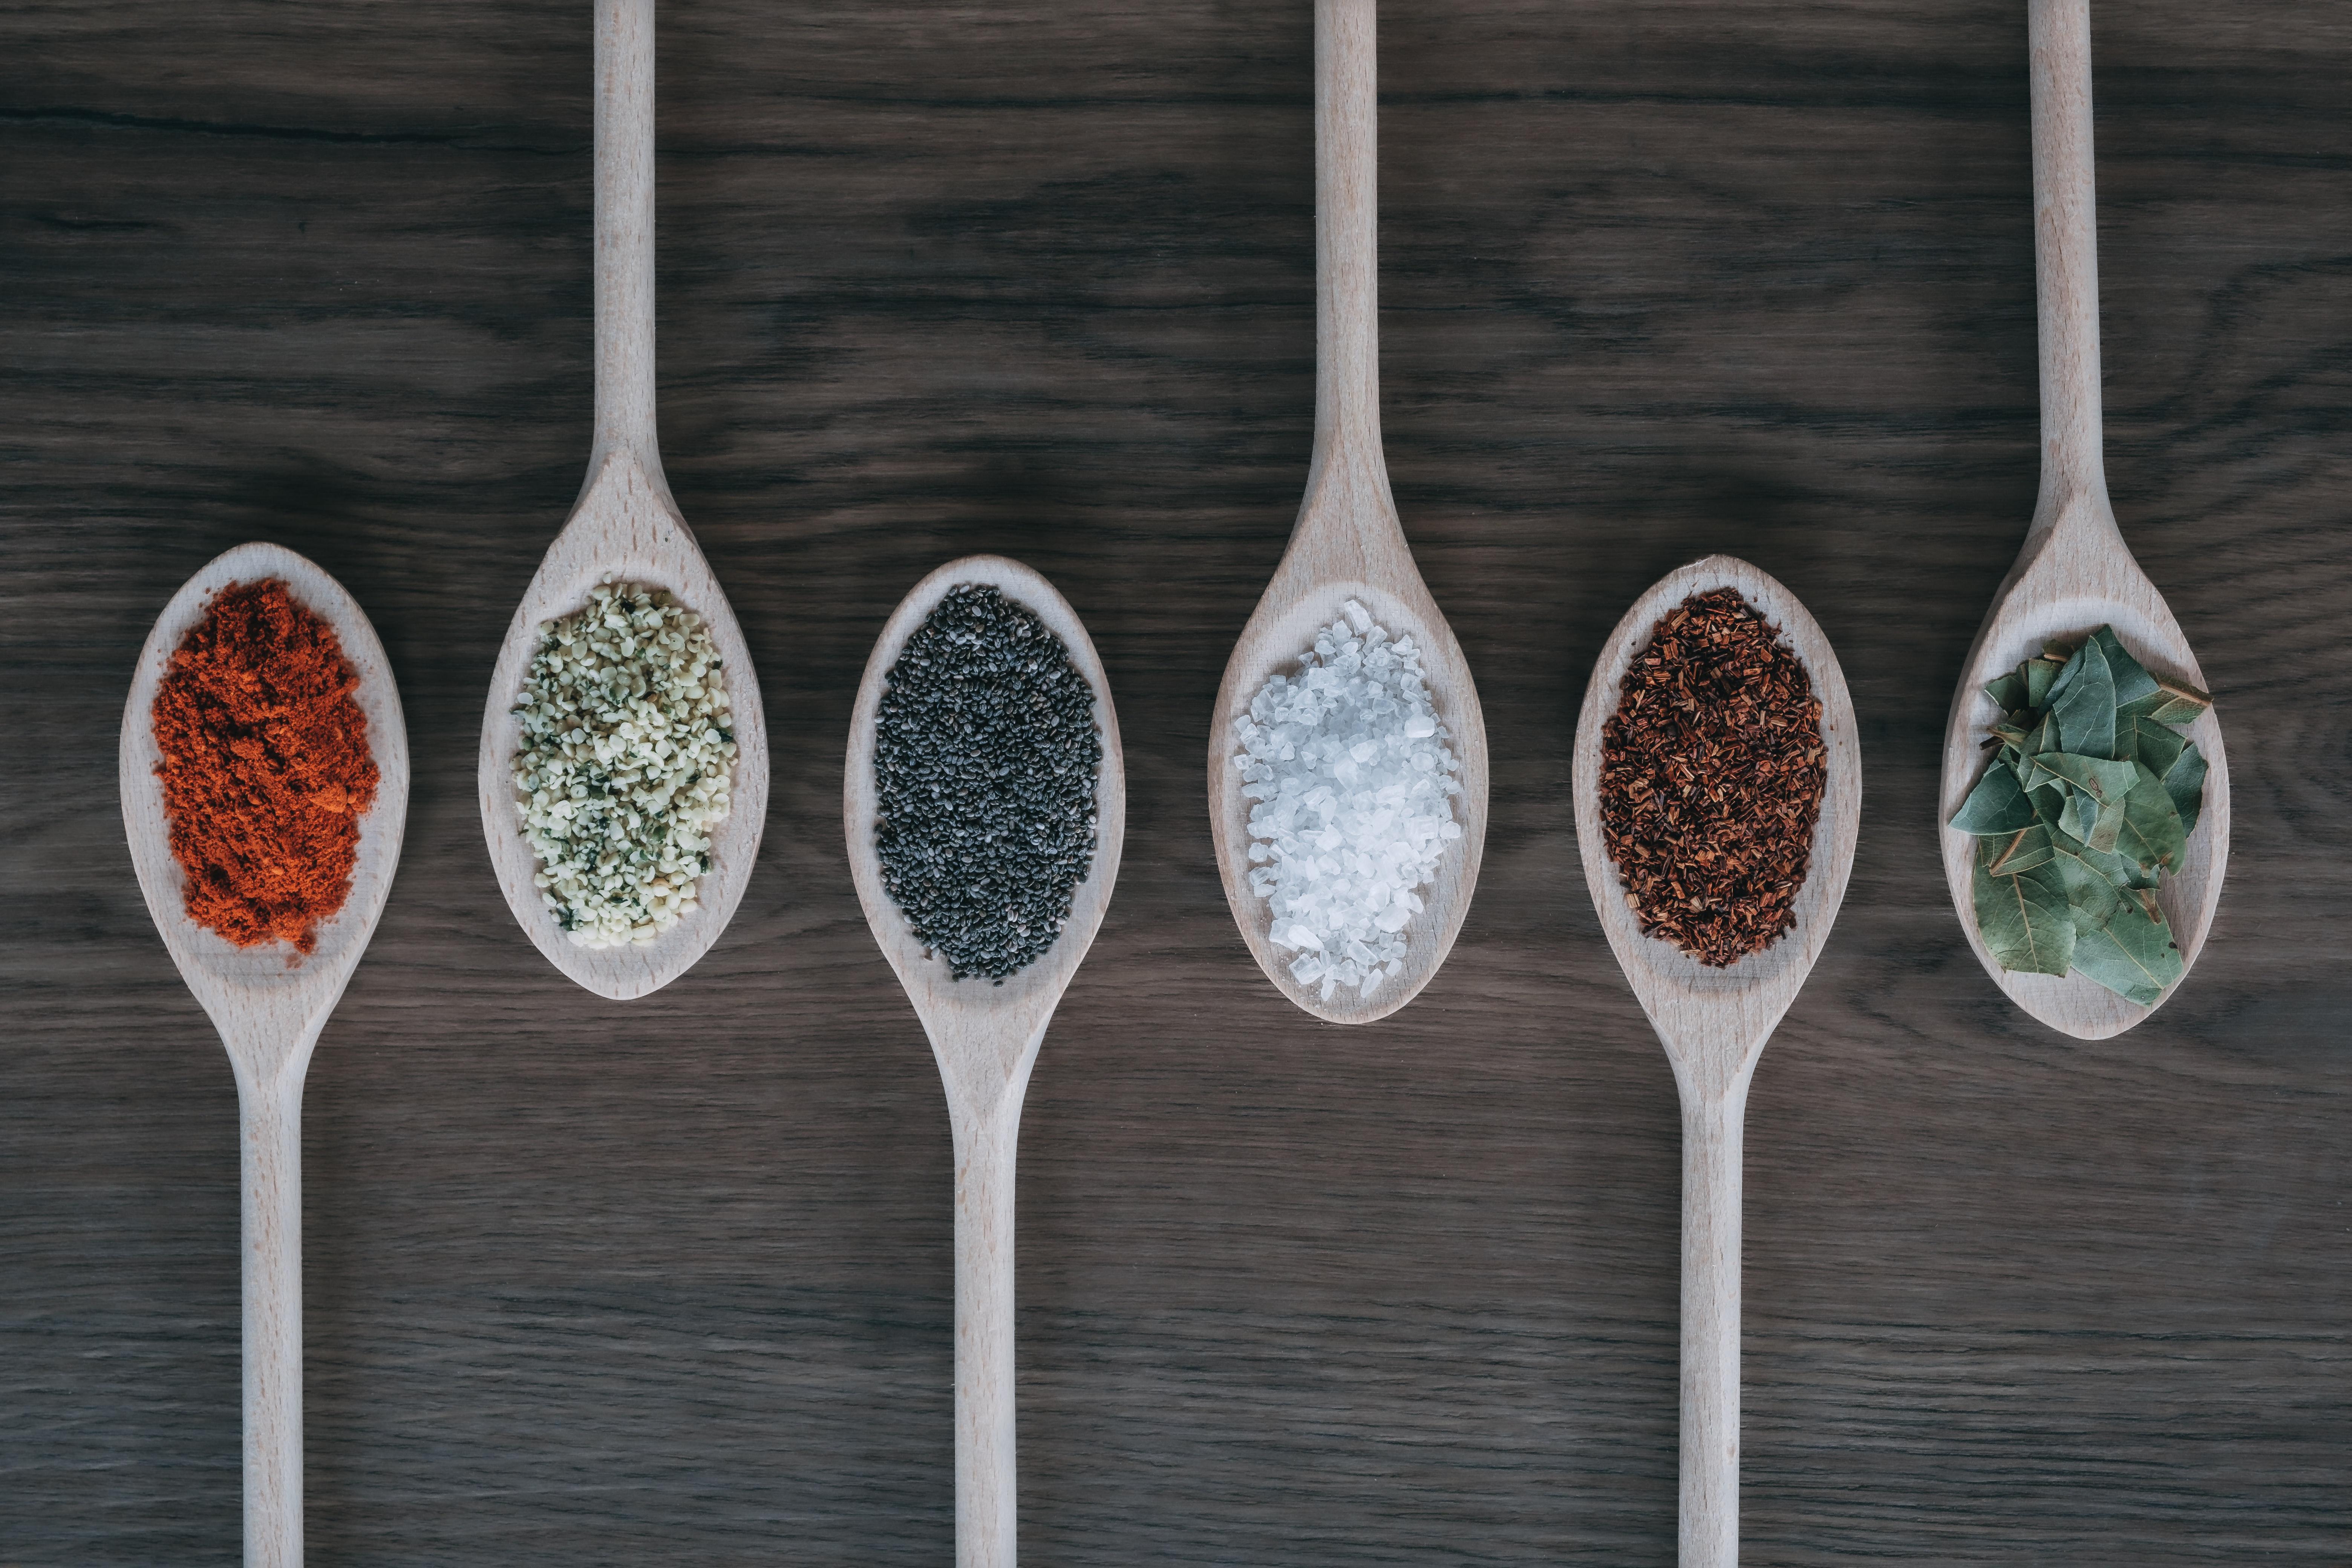 Enfermedades autoinmunes y sistema inmunológico, ¿cómo influye la nutrición?